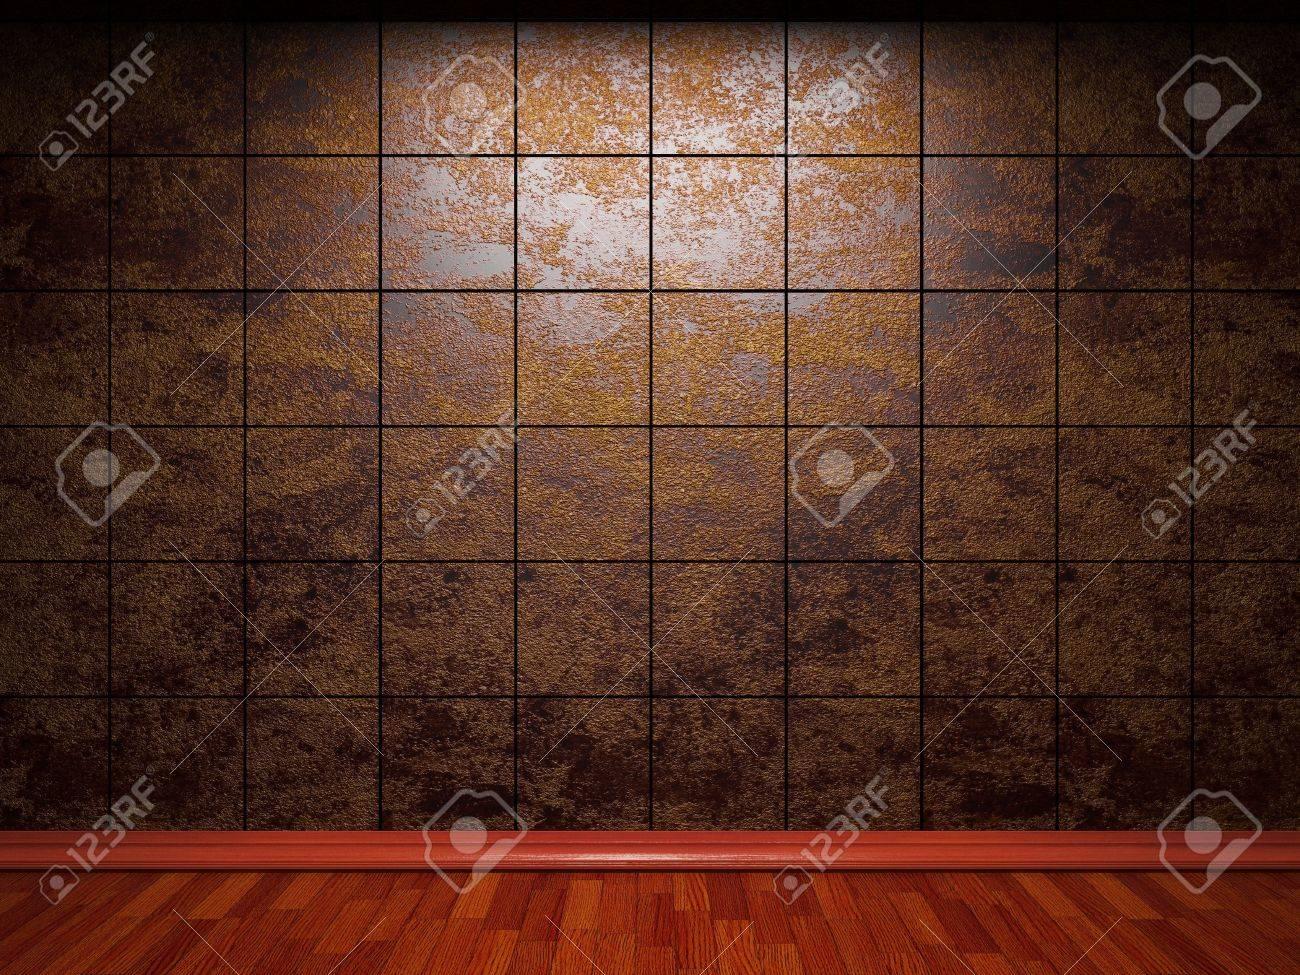 illuminated tile wall Stock Photo - 6759386